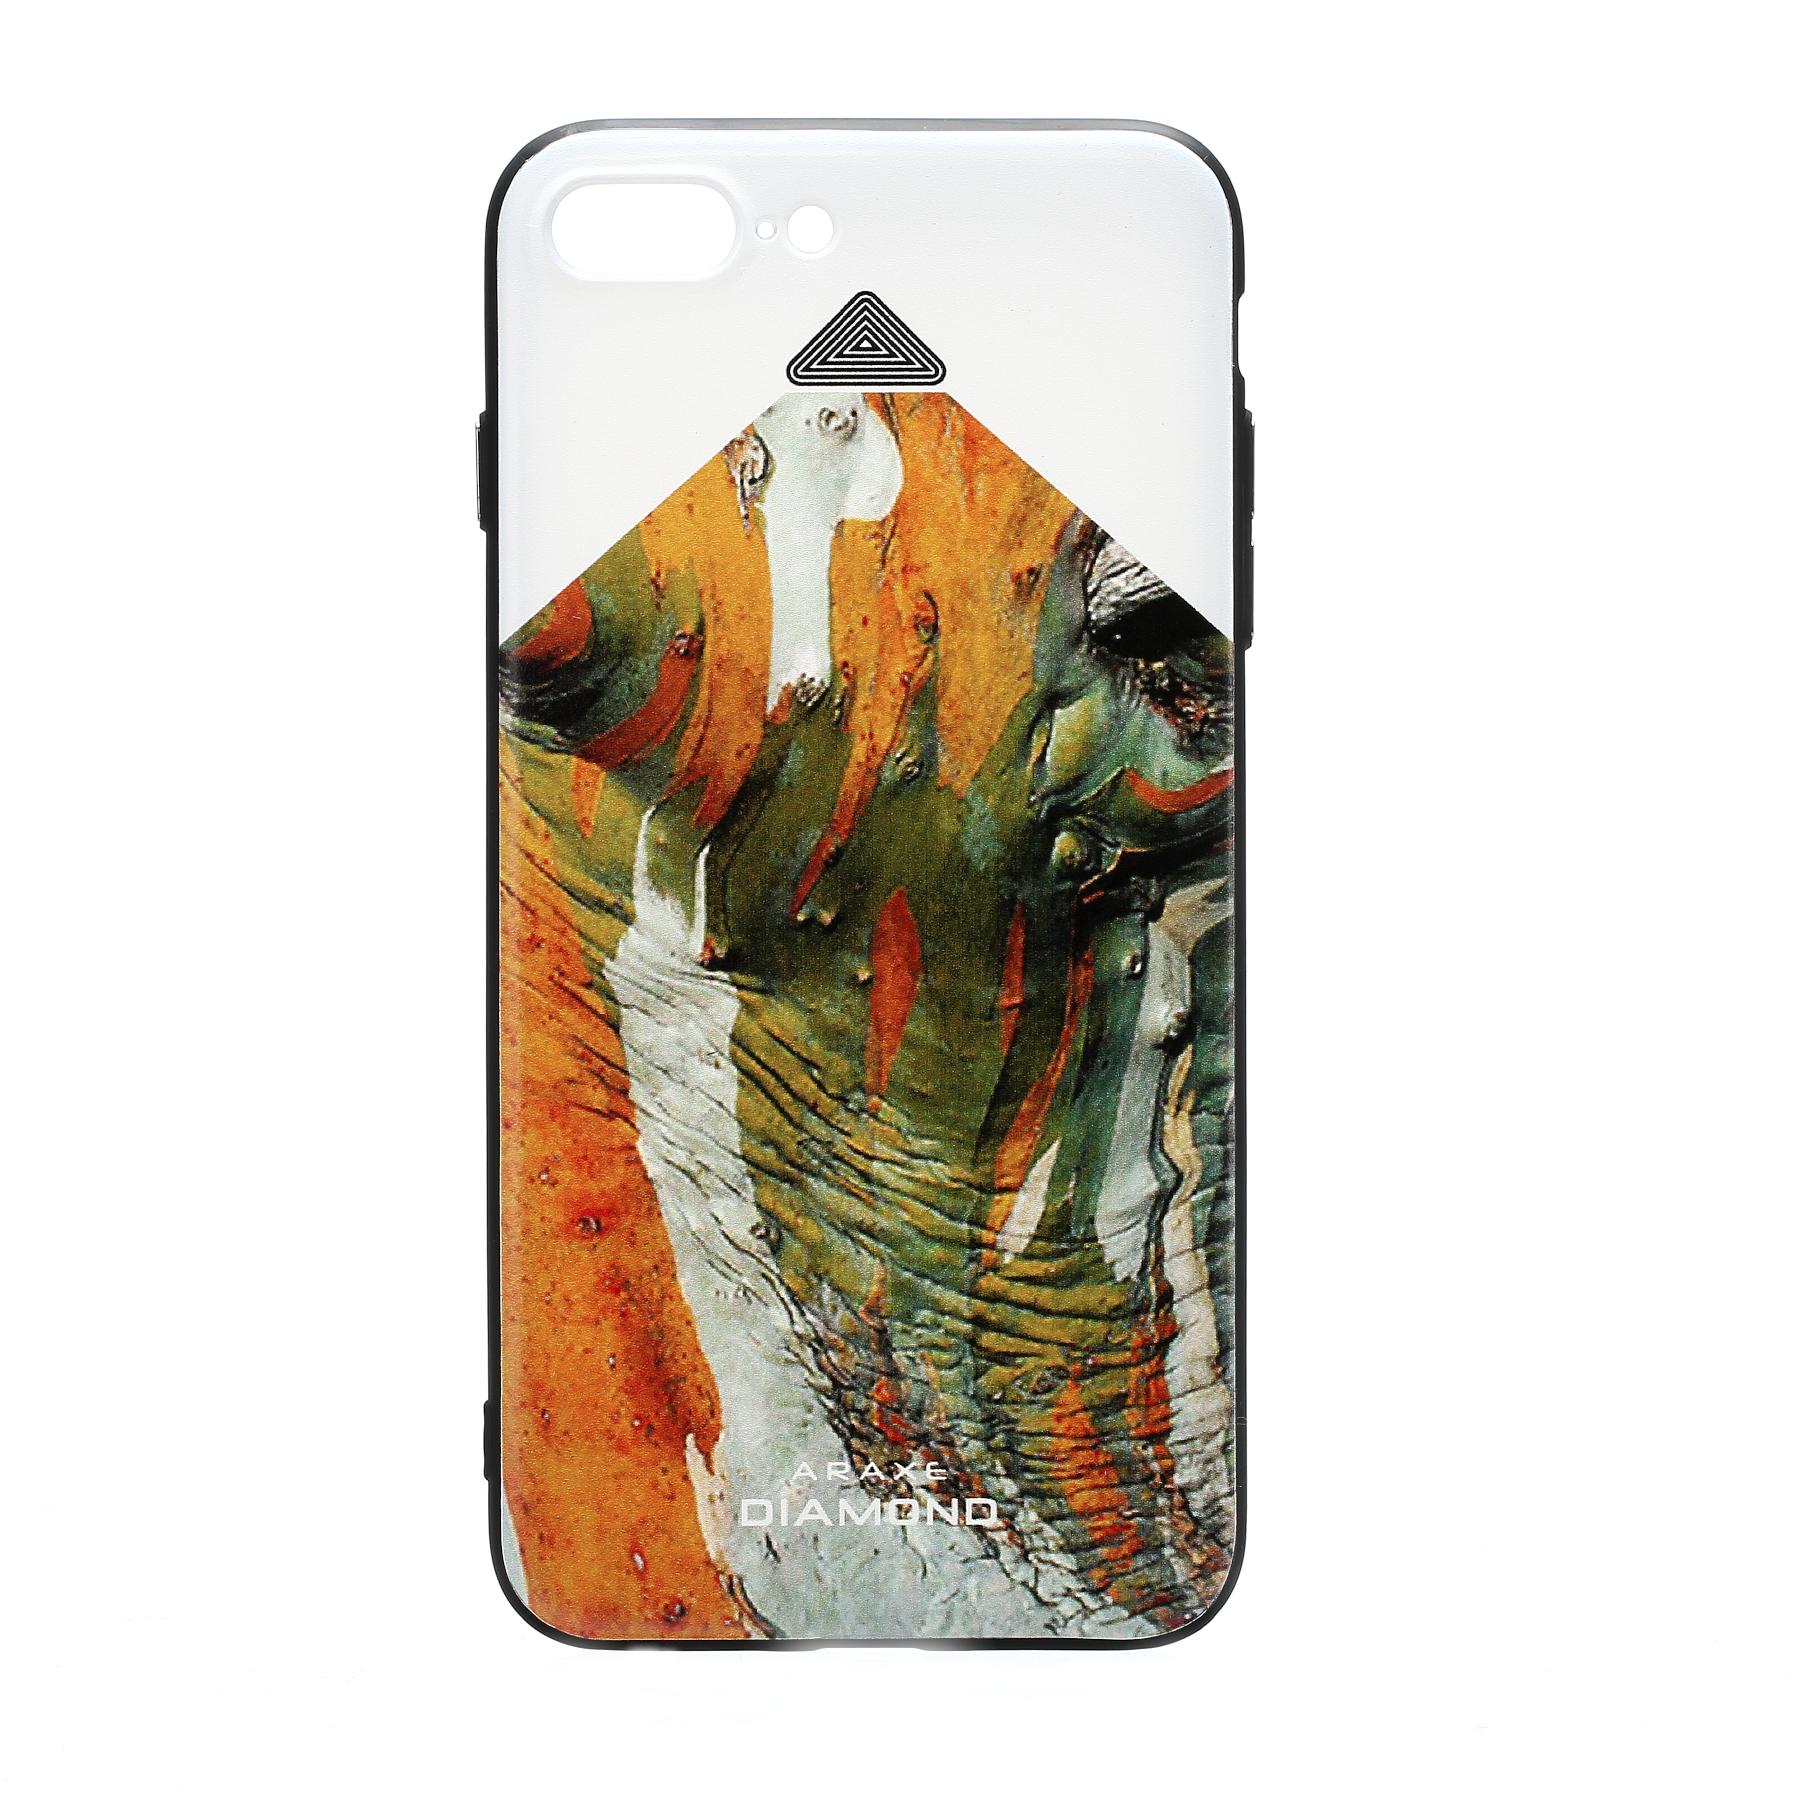 کاور دیاموند مدل Tree Bark مناسب برای گوشی موبایل اپل iPhone 6 Plus